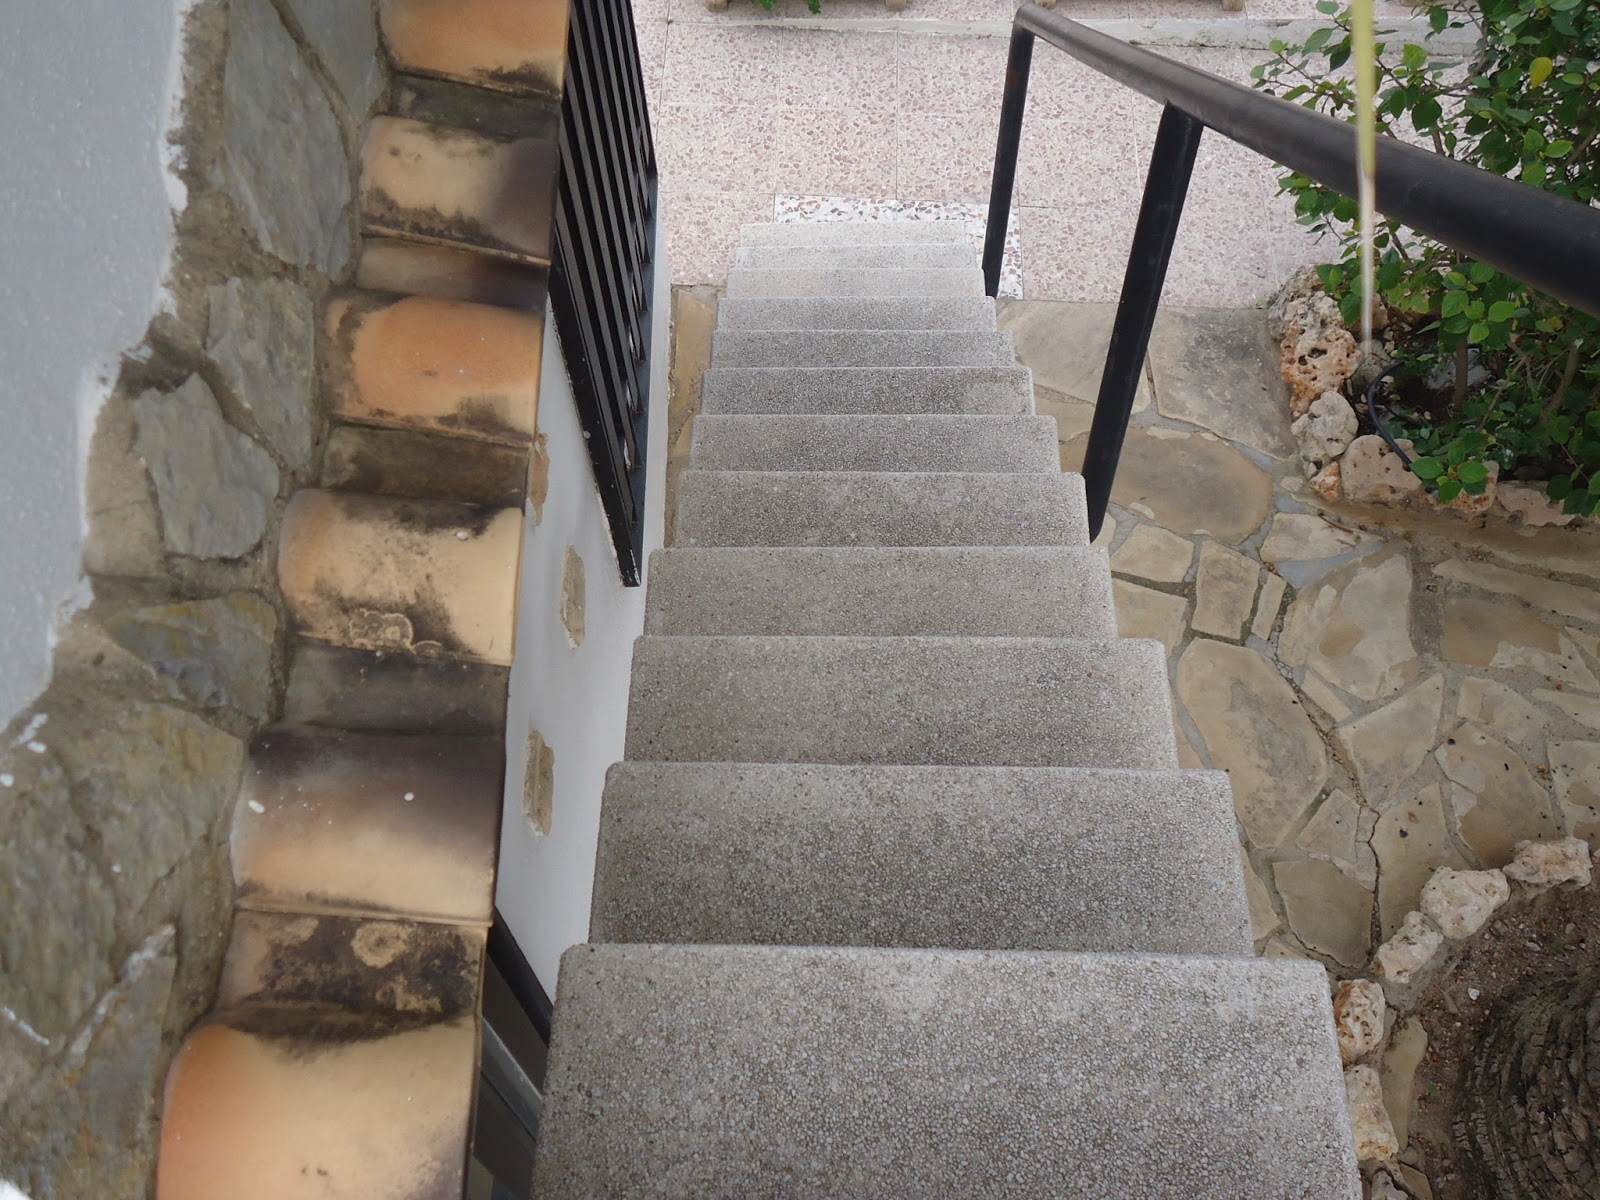 escaleras para acceder a terraza exterior with escaleras para exterior